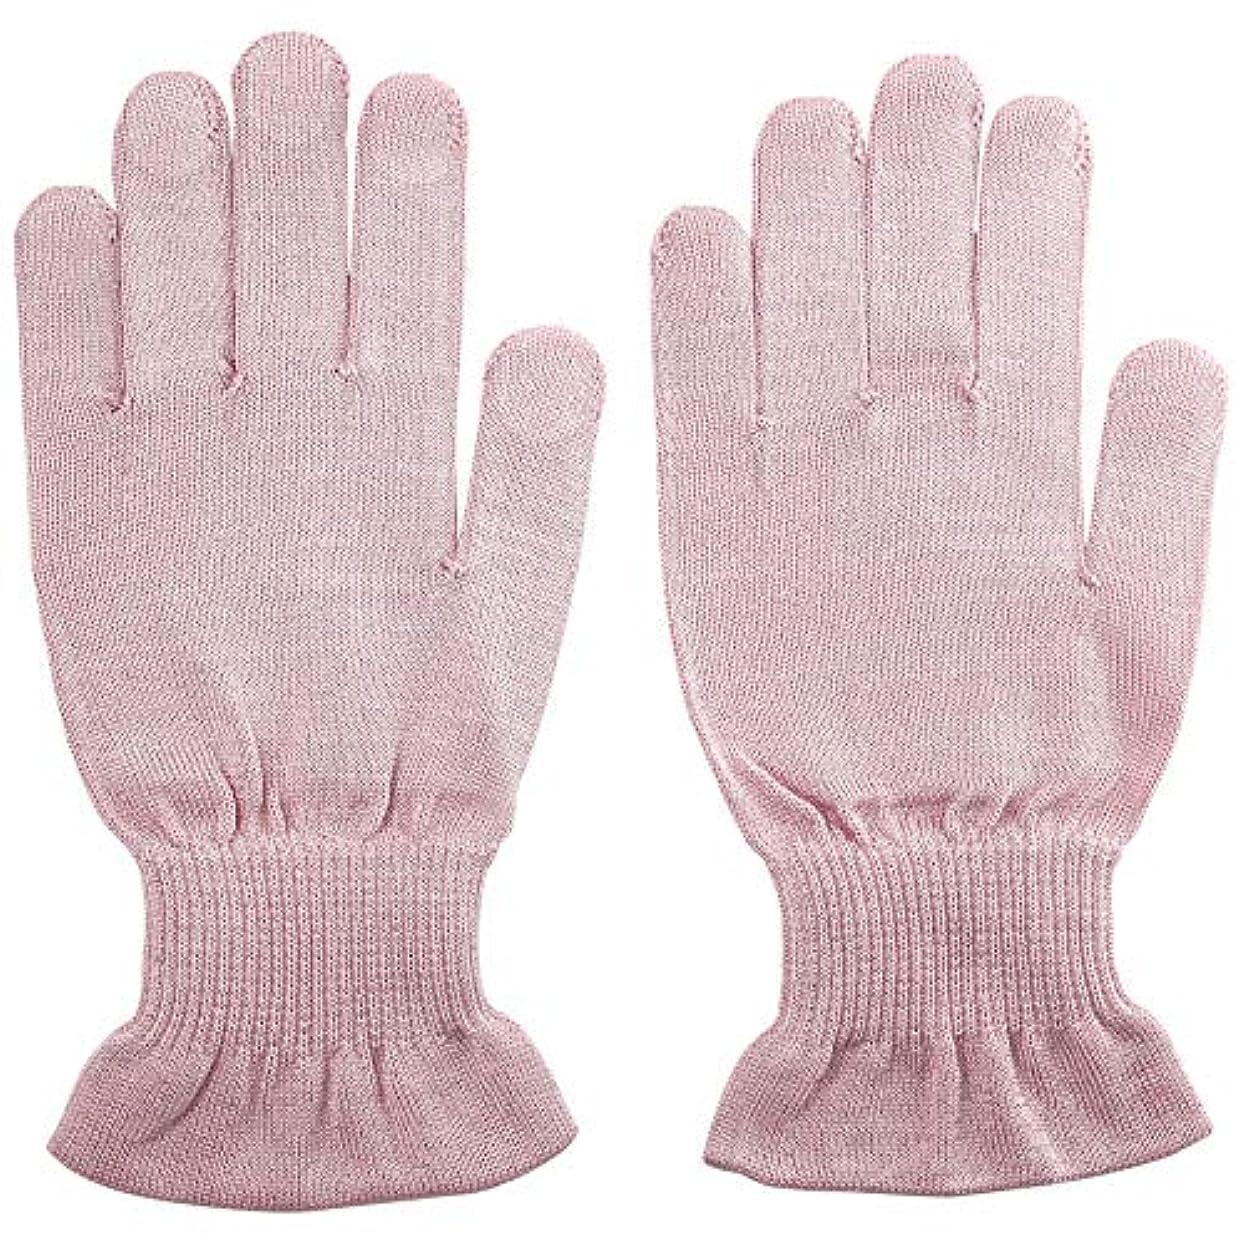 ハブペスト暗記する温むすび ハンドケア手袋 【手のひら美人 女性用 M~Lサイズ】 ペールピンク